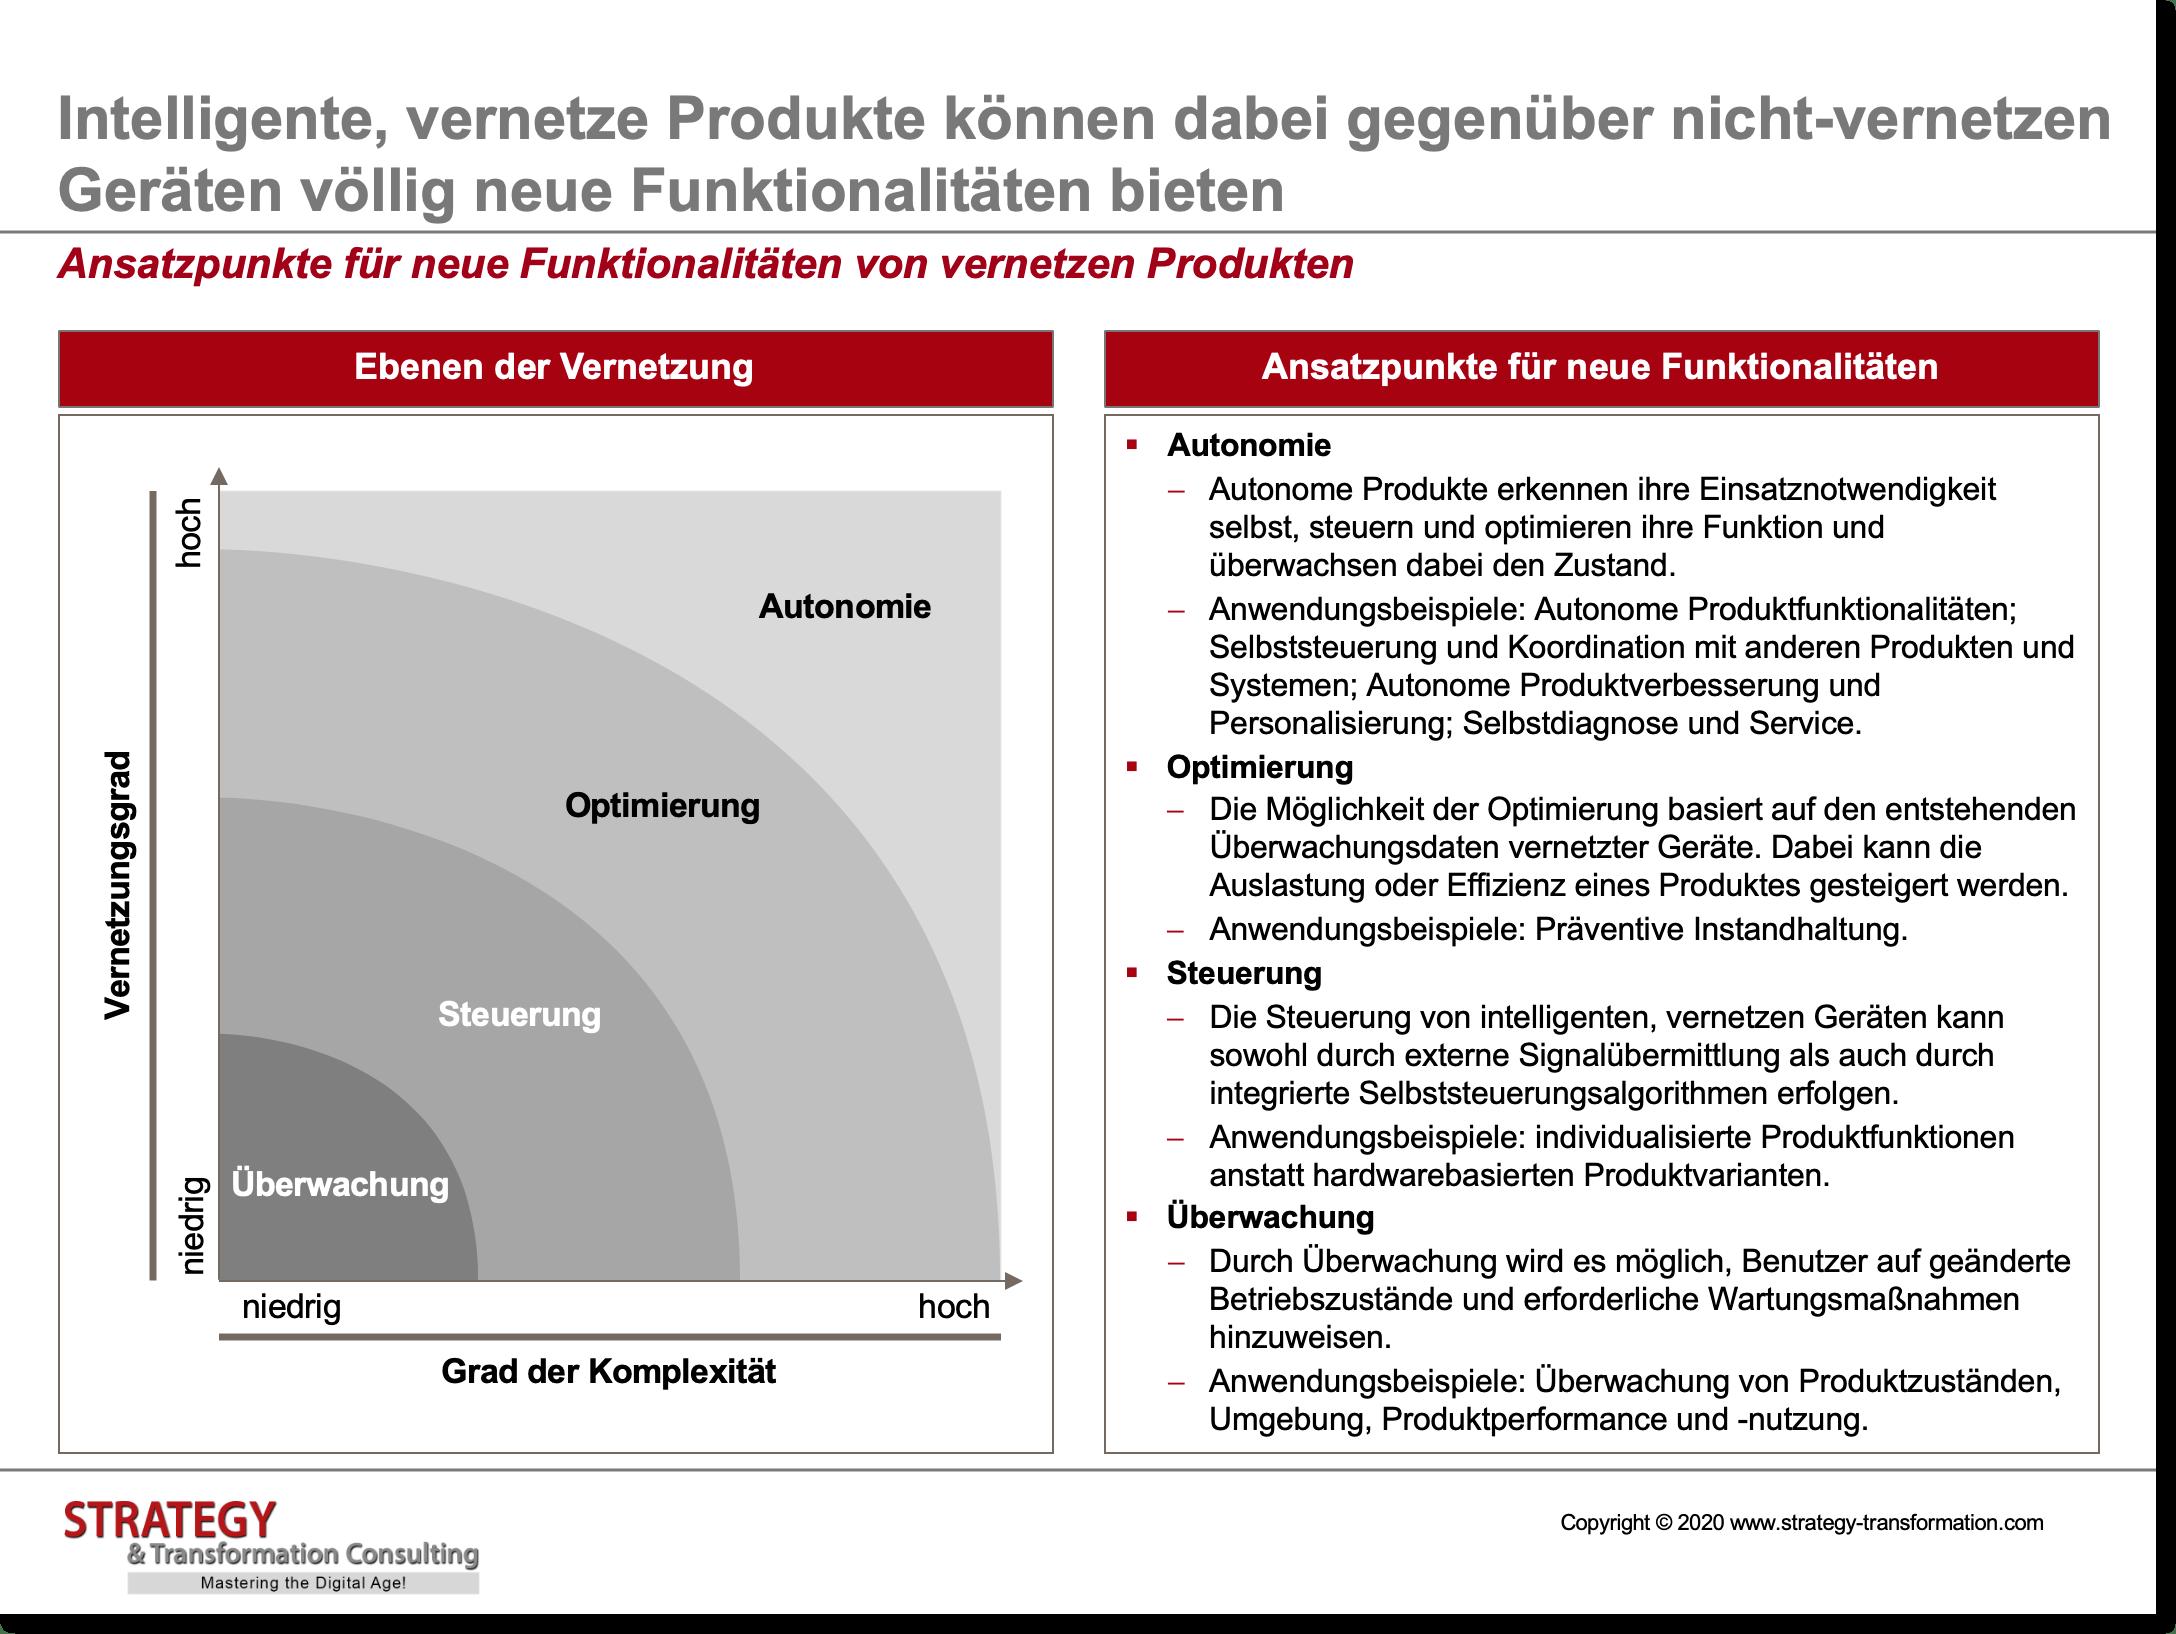 Ansatzpunkte für neue Funktionalitäten von vernetzen Produkten